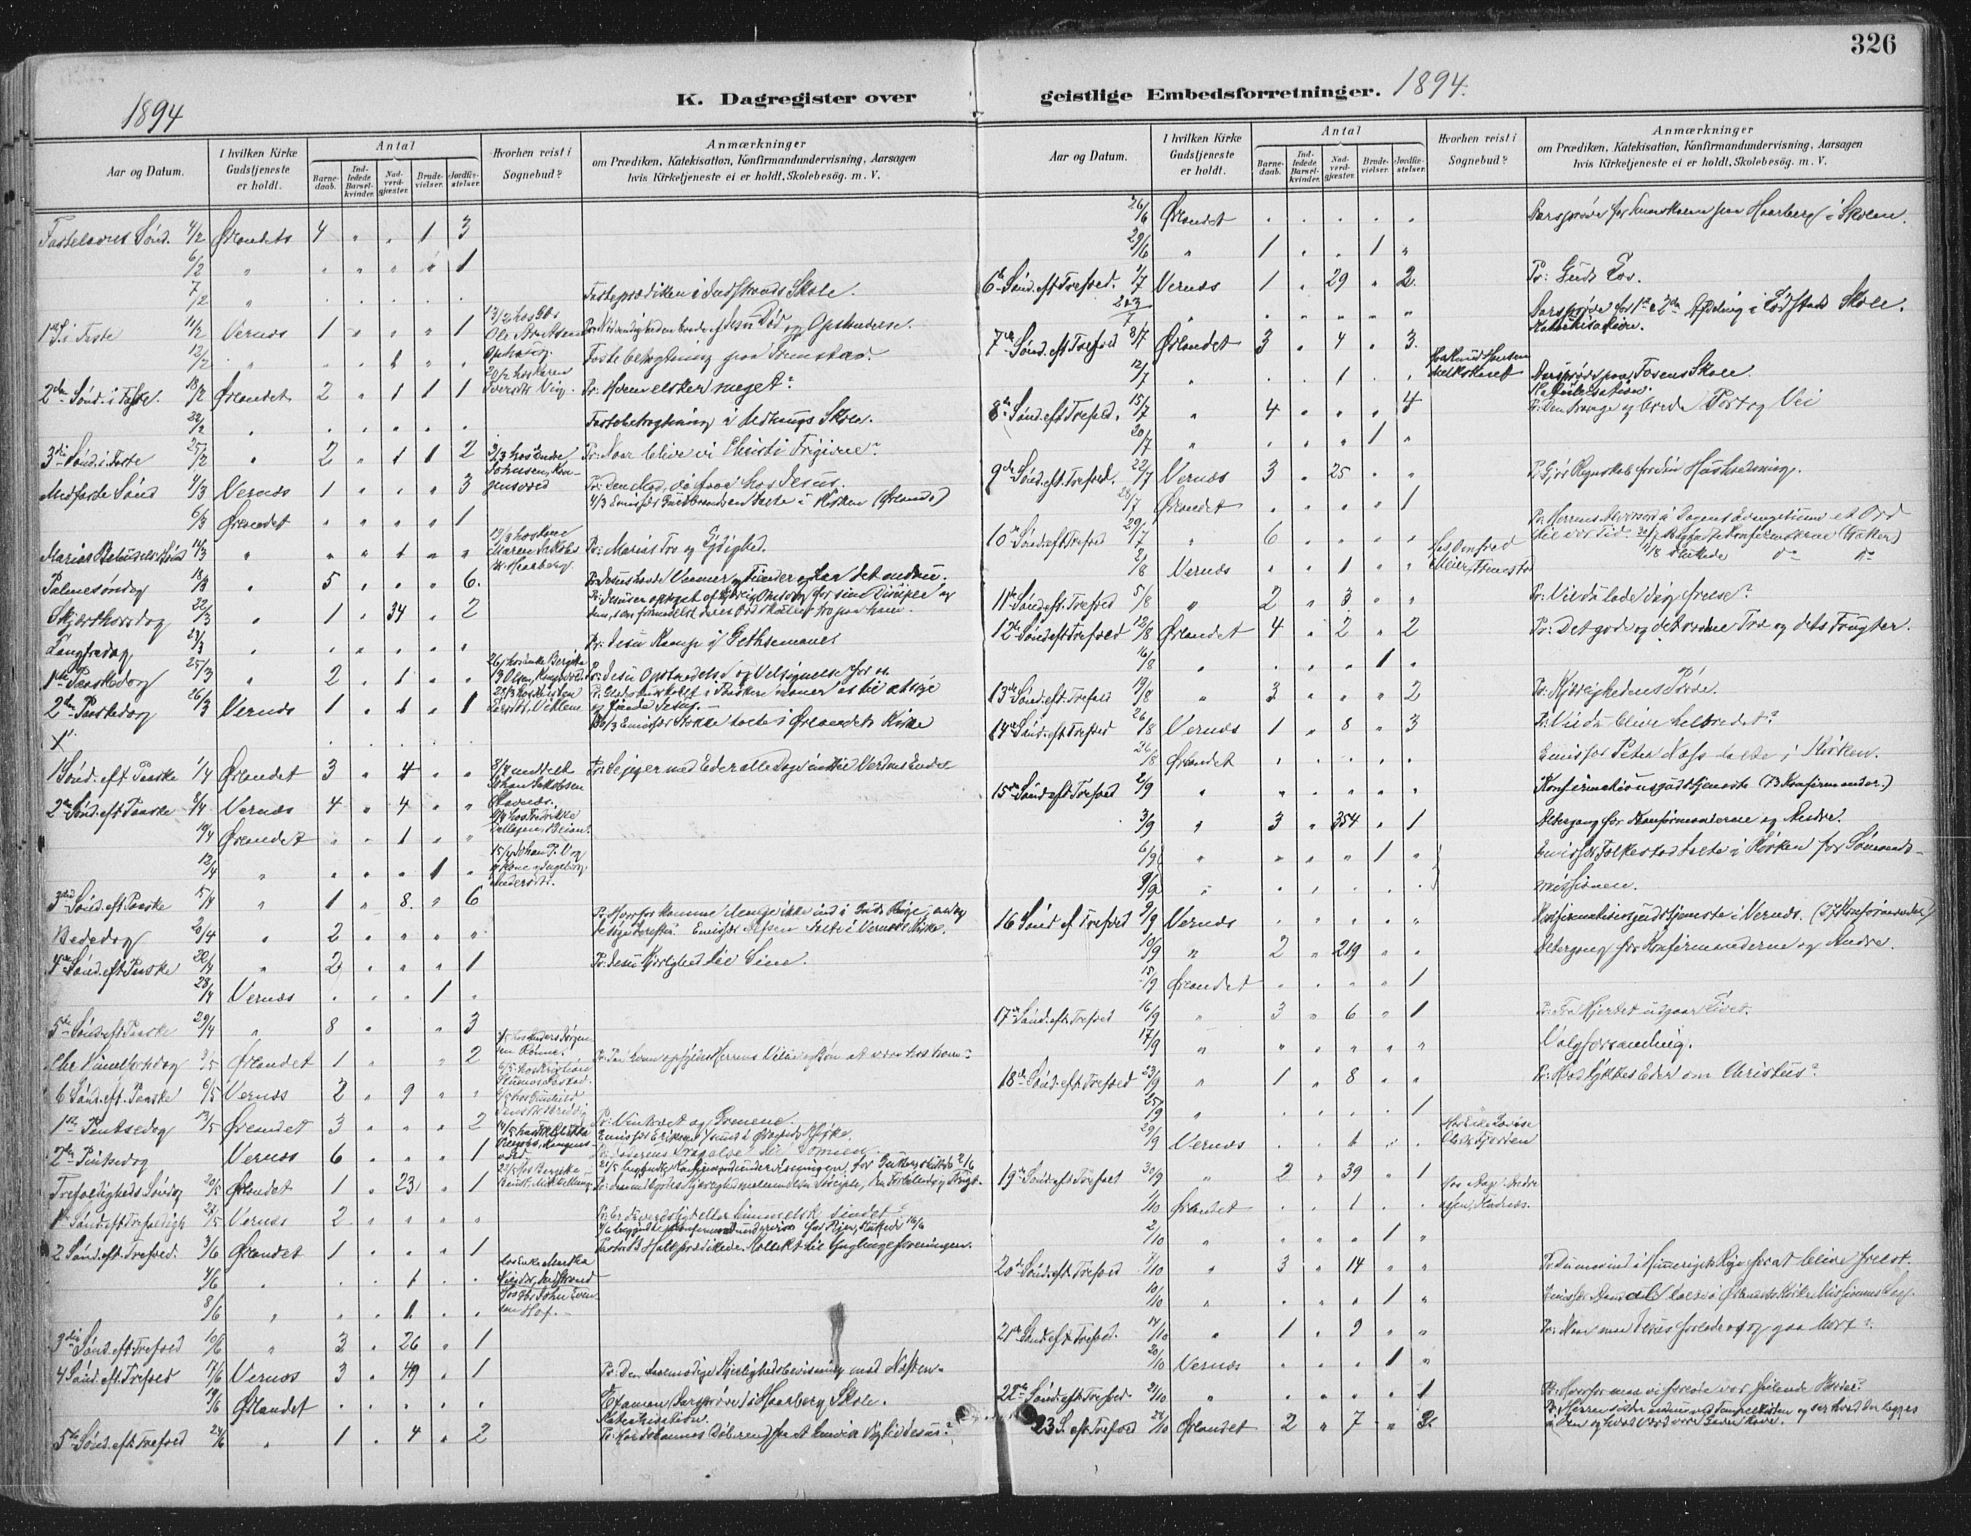 SAT, Ministerialprotokoller, klokkerbøker og fødselsregistre - Sør-Trøndelag, 659/L0743: Ministerialbok nr. 659A13, 1893-1910, s. 326